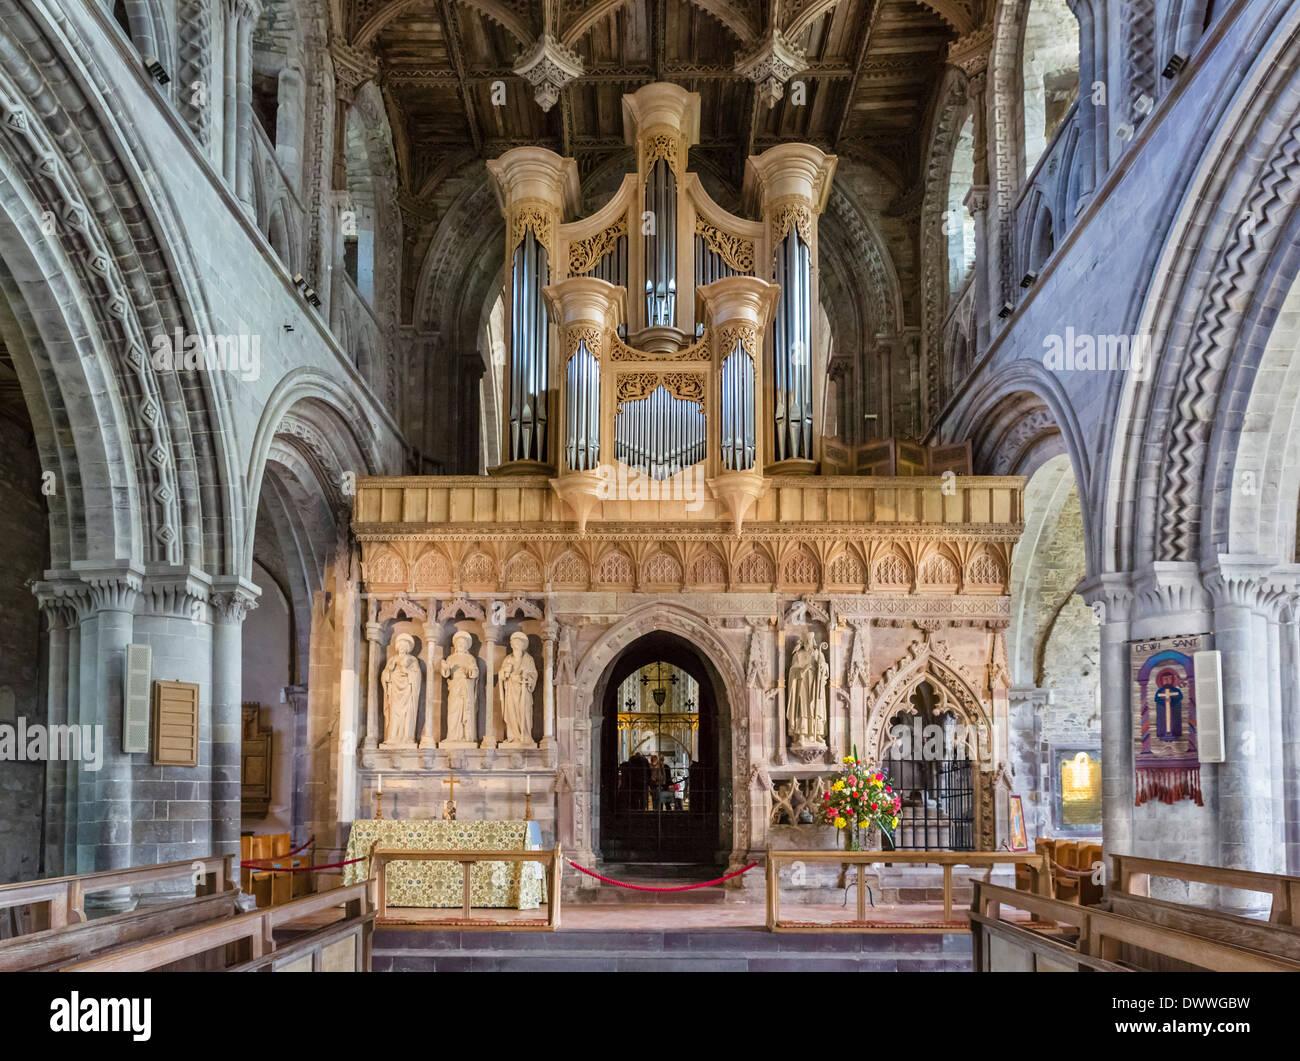 El órgano en la Catedral de St David's, St David's, Pembrokeshire (Gales, Reino Unido Imagen De Stock